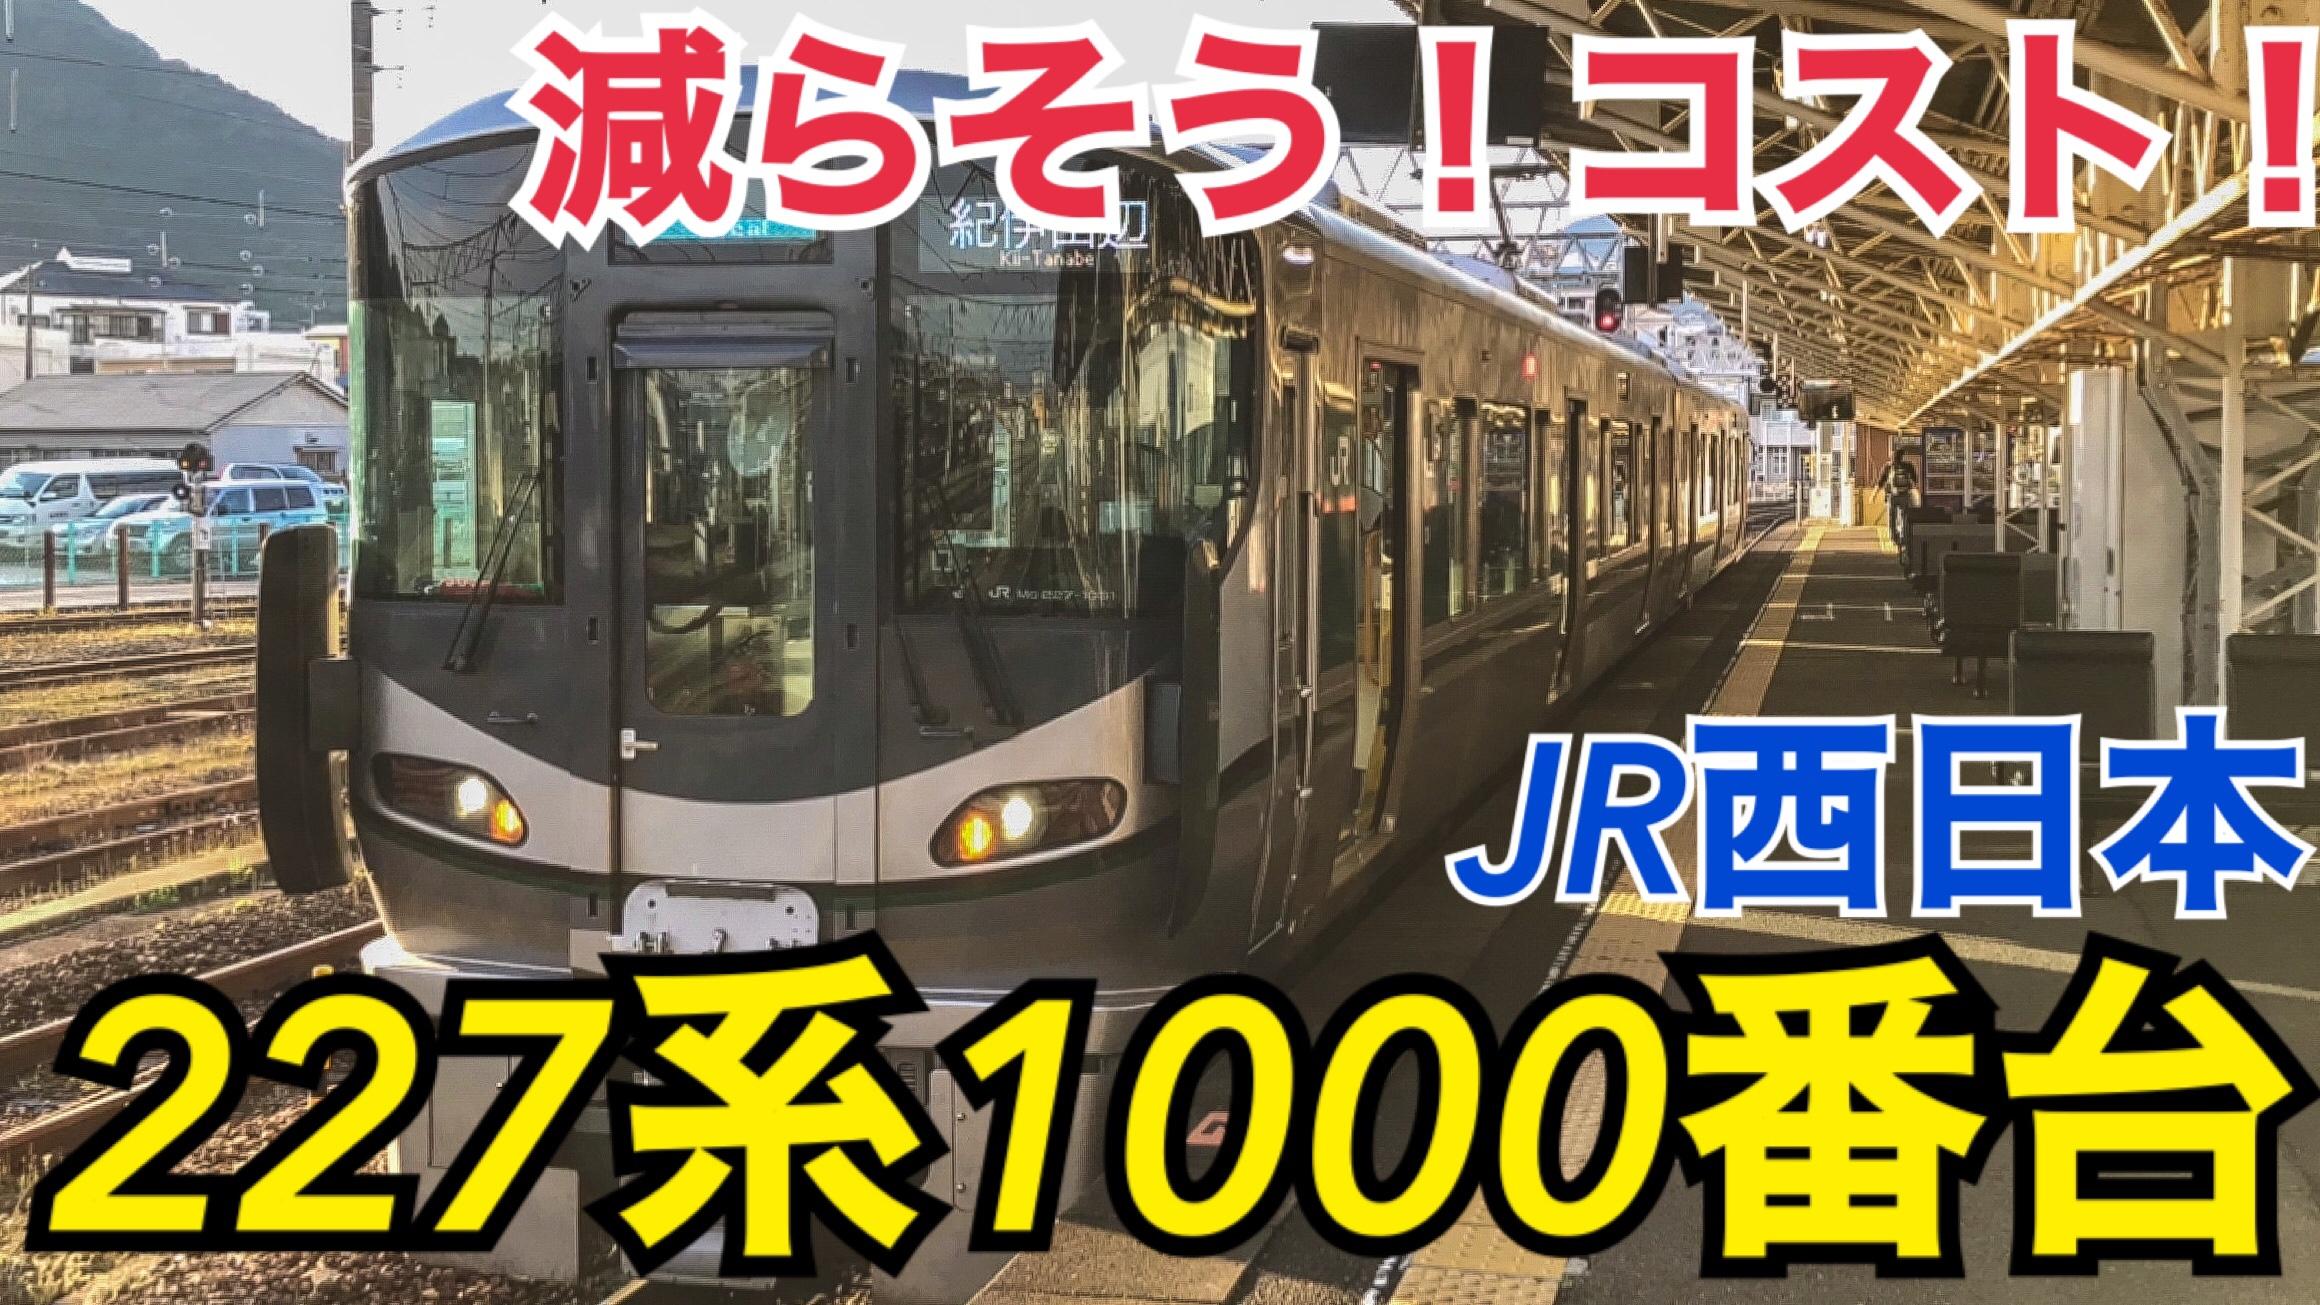 和歌山地区に新型車両!227系1000番台をご紹介!車内はなぜロングシート?【紀伊常陸普通列車の旅】